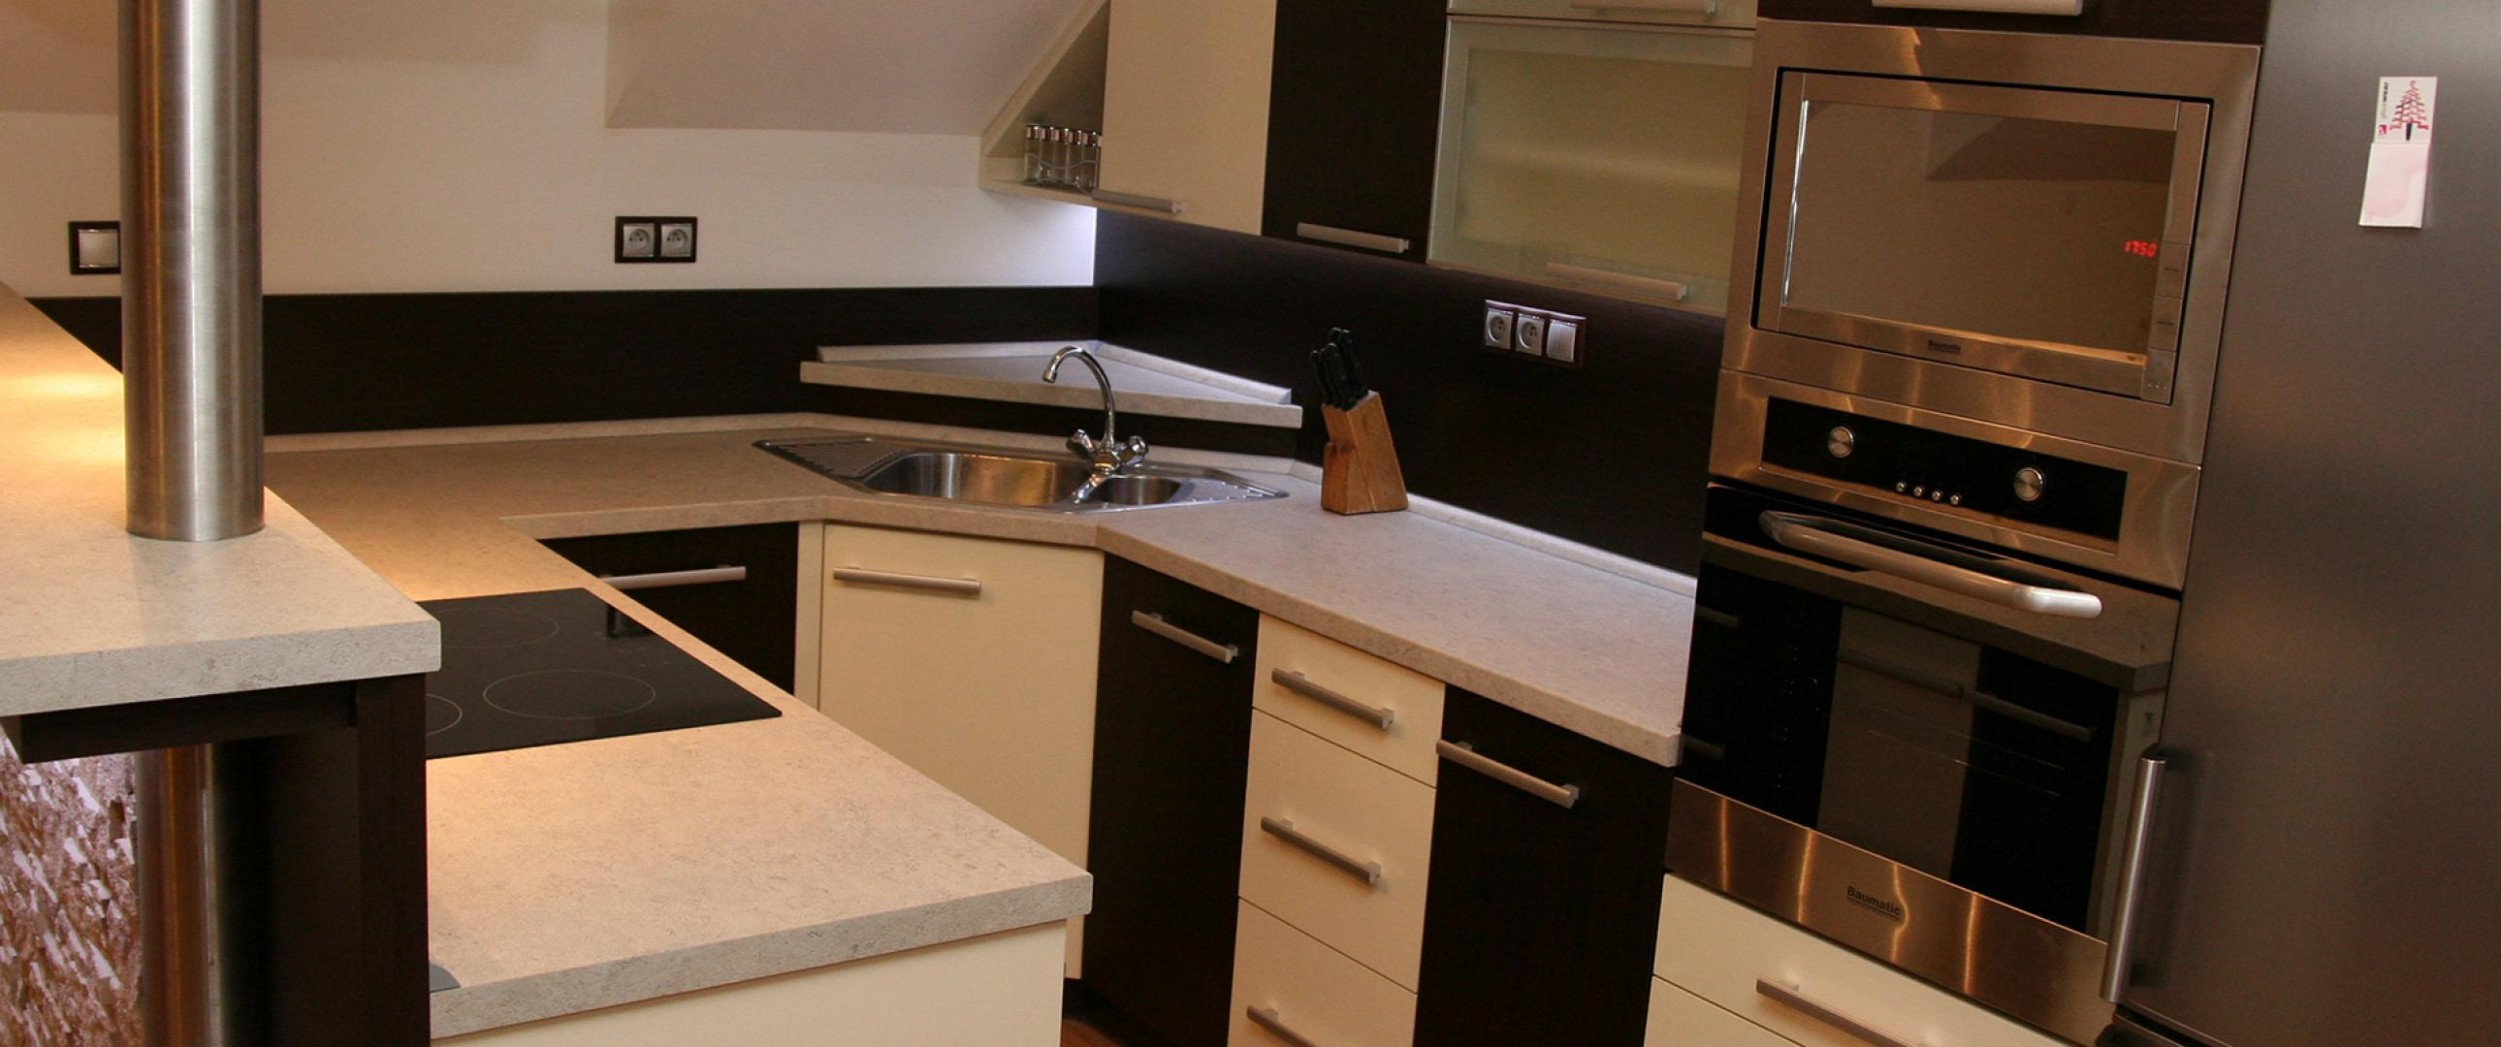 Kuchyně VASA | Nábytek VASA spol. s.r.o.